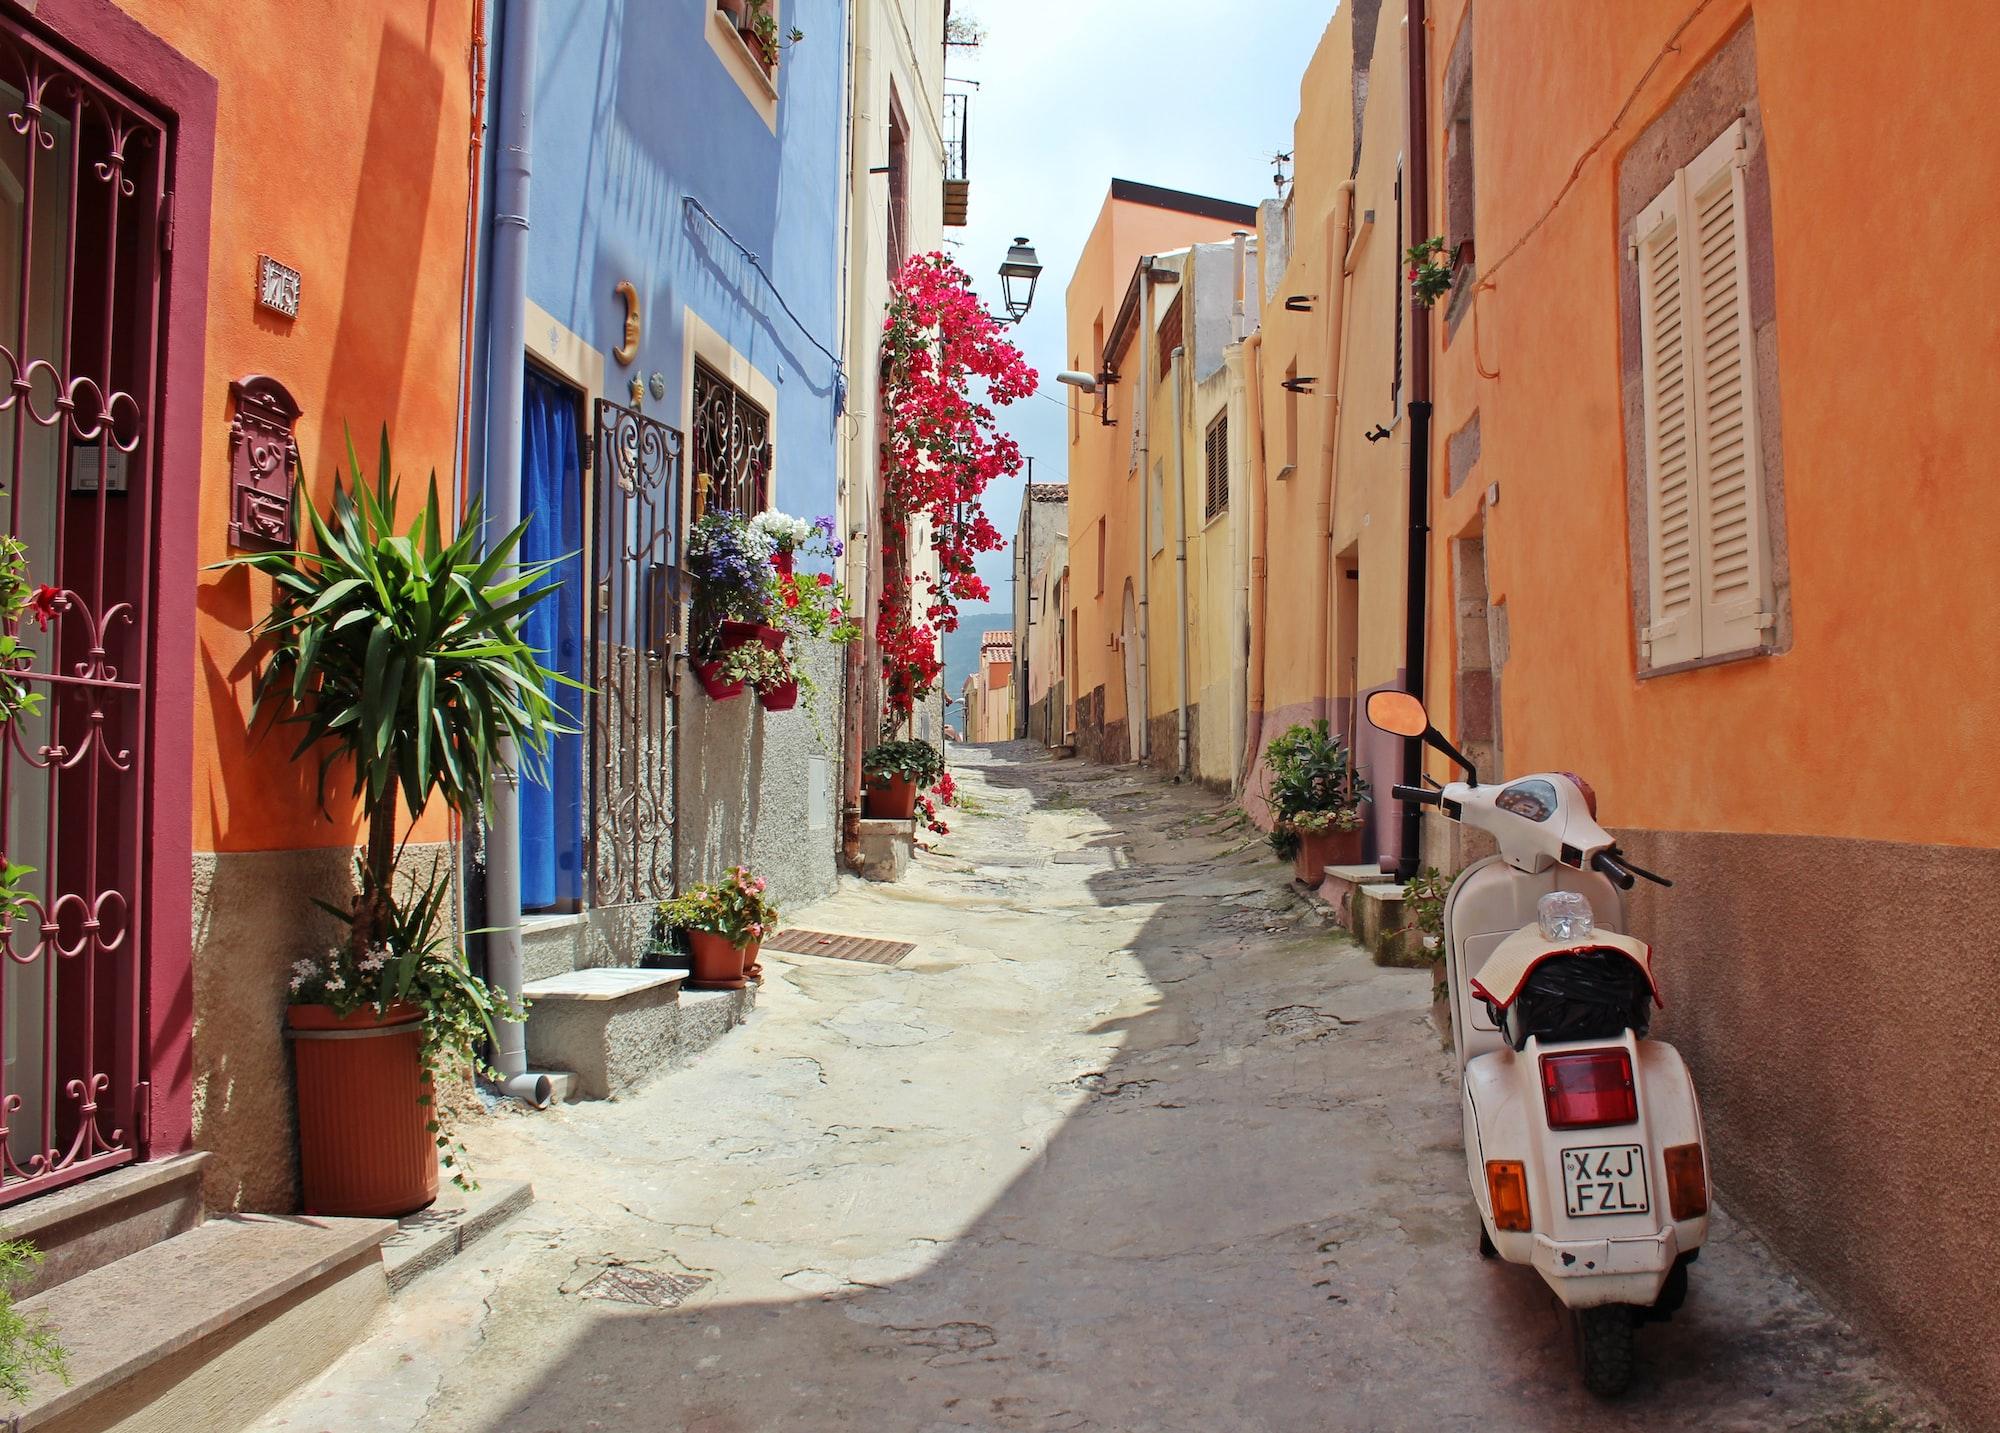 हाथ में रखिए 100 रुपये और खरीदिए इटली के इस सुंदर शहर में एक मकान